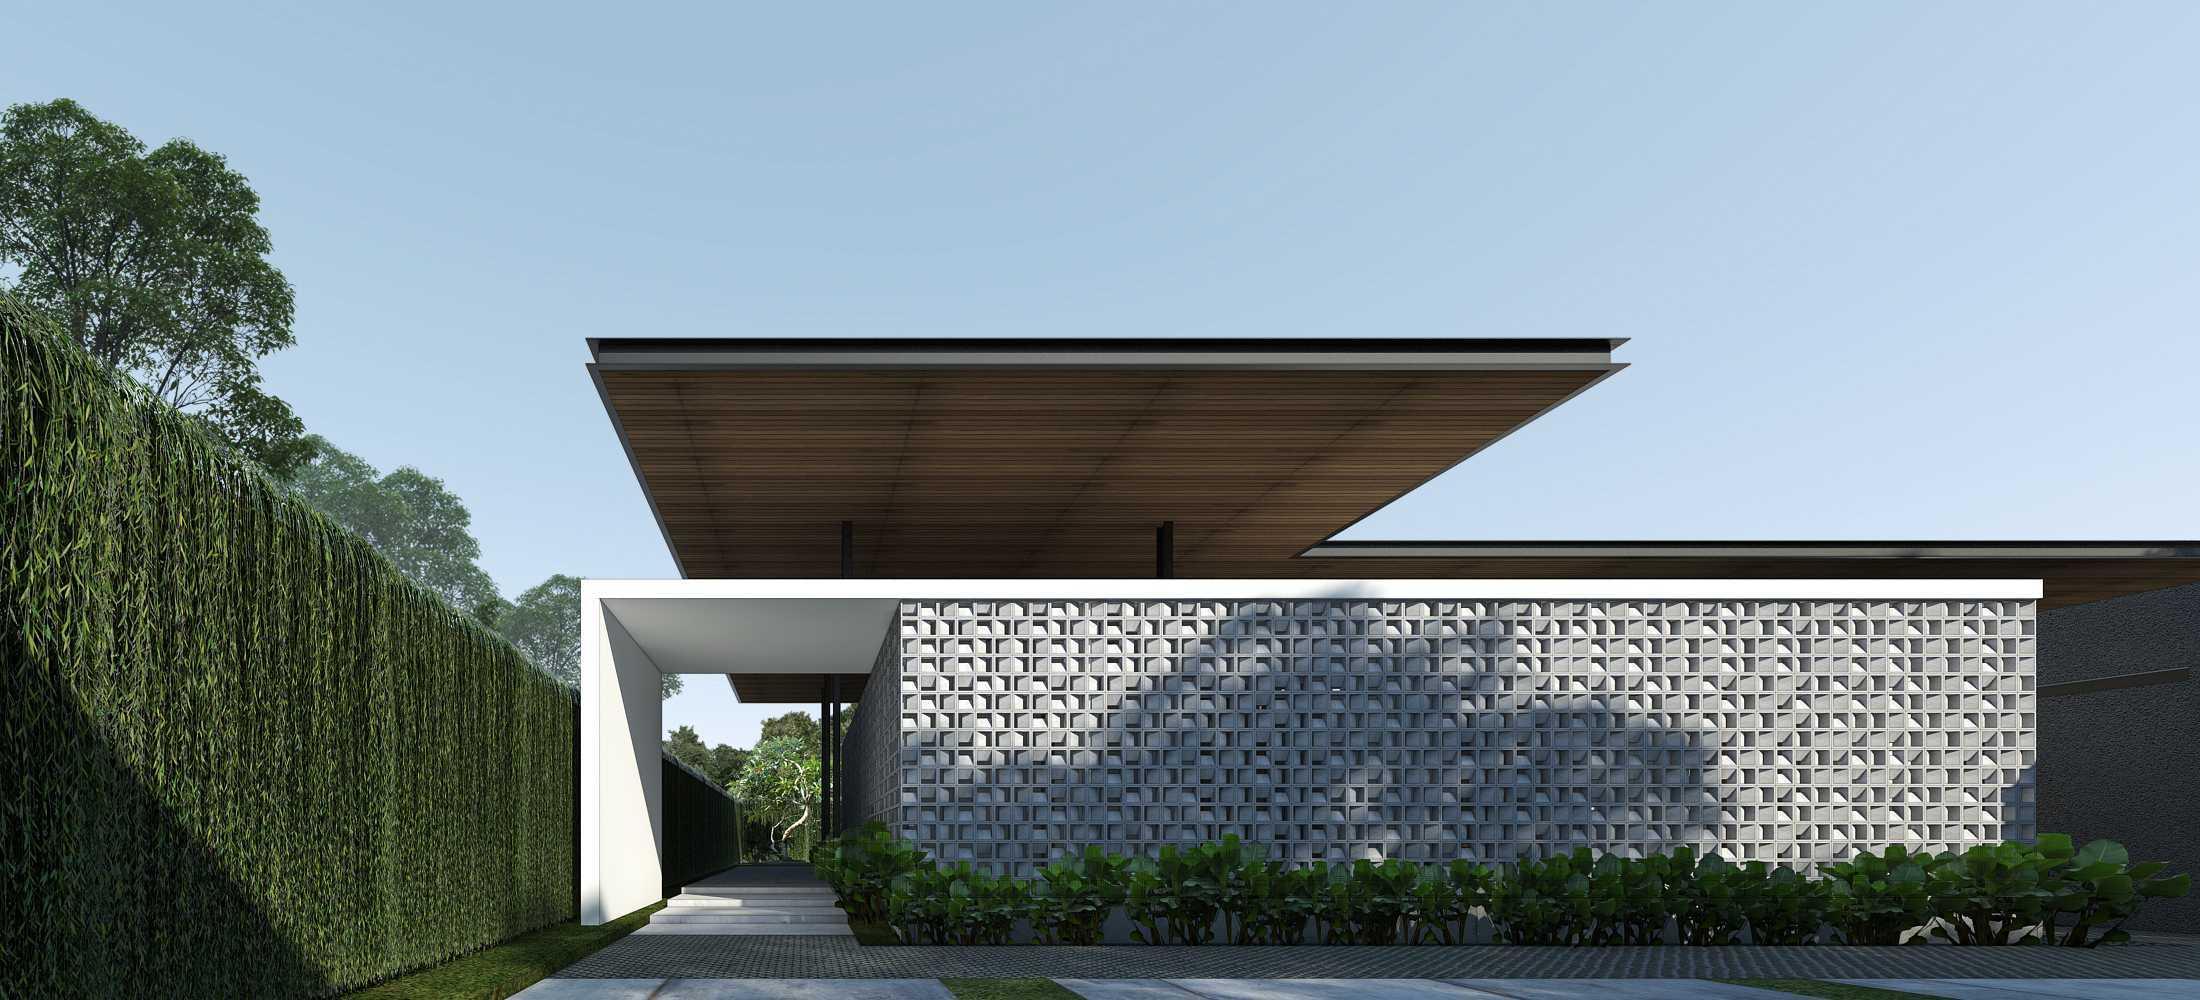 Jasa Arsitek endarasman di Tanah Bumbu